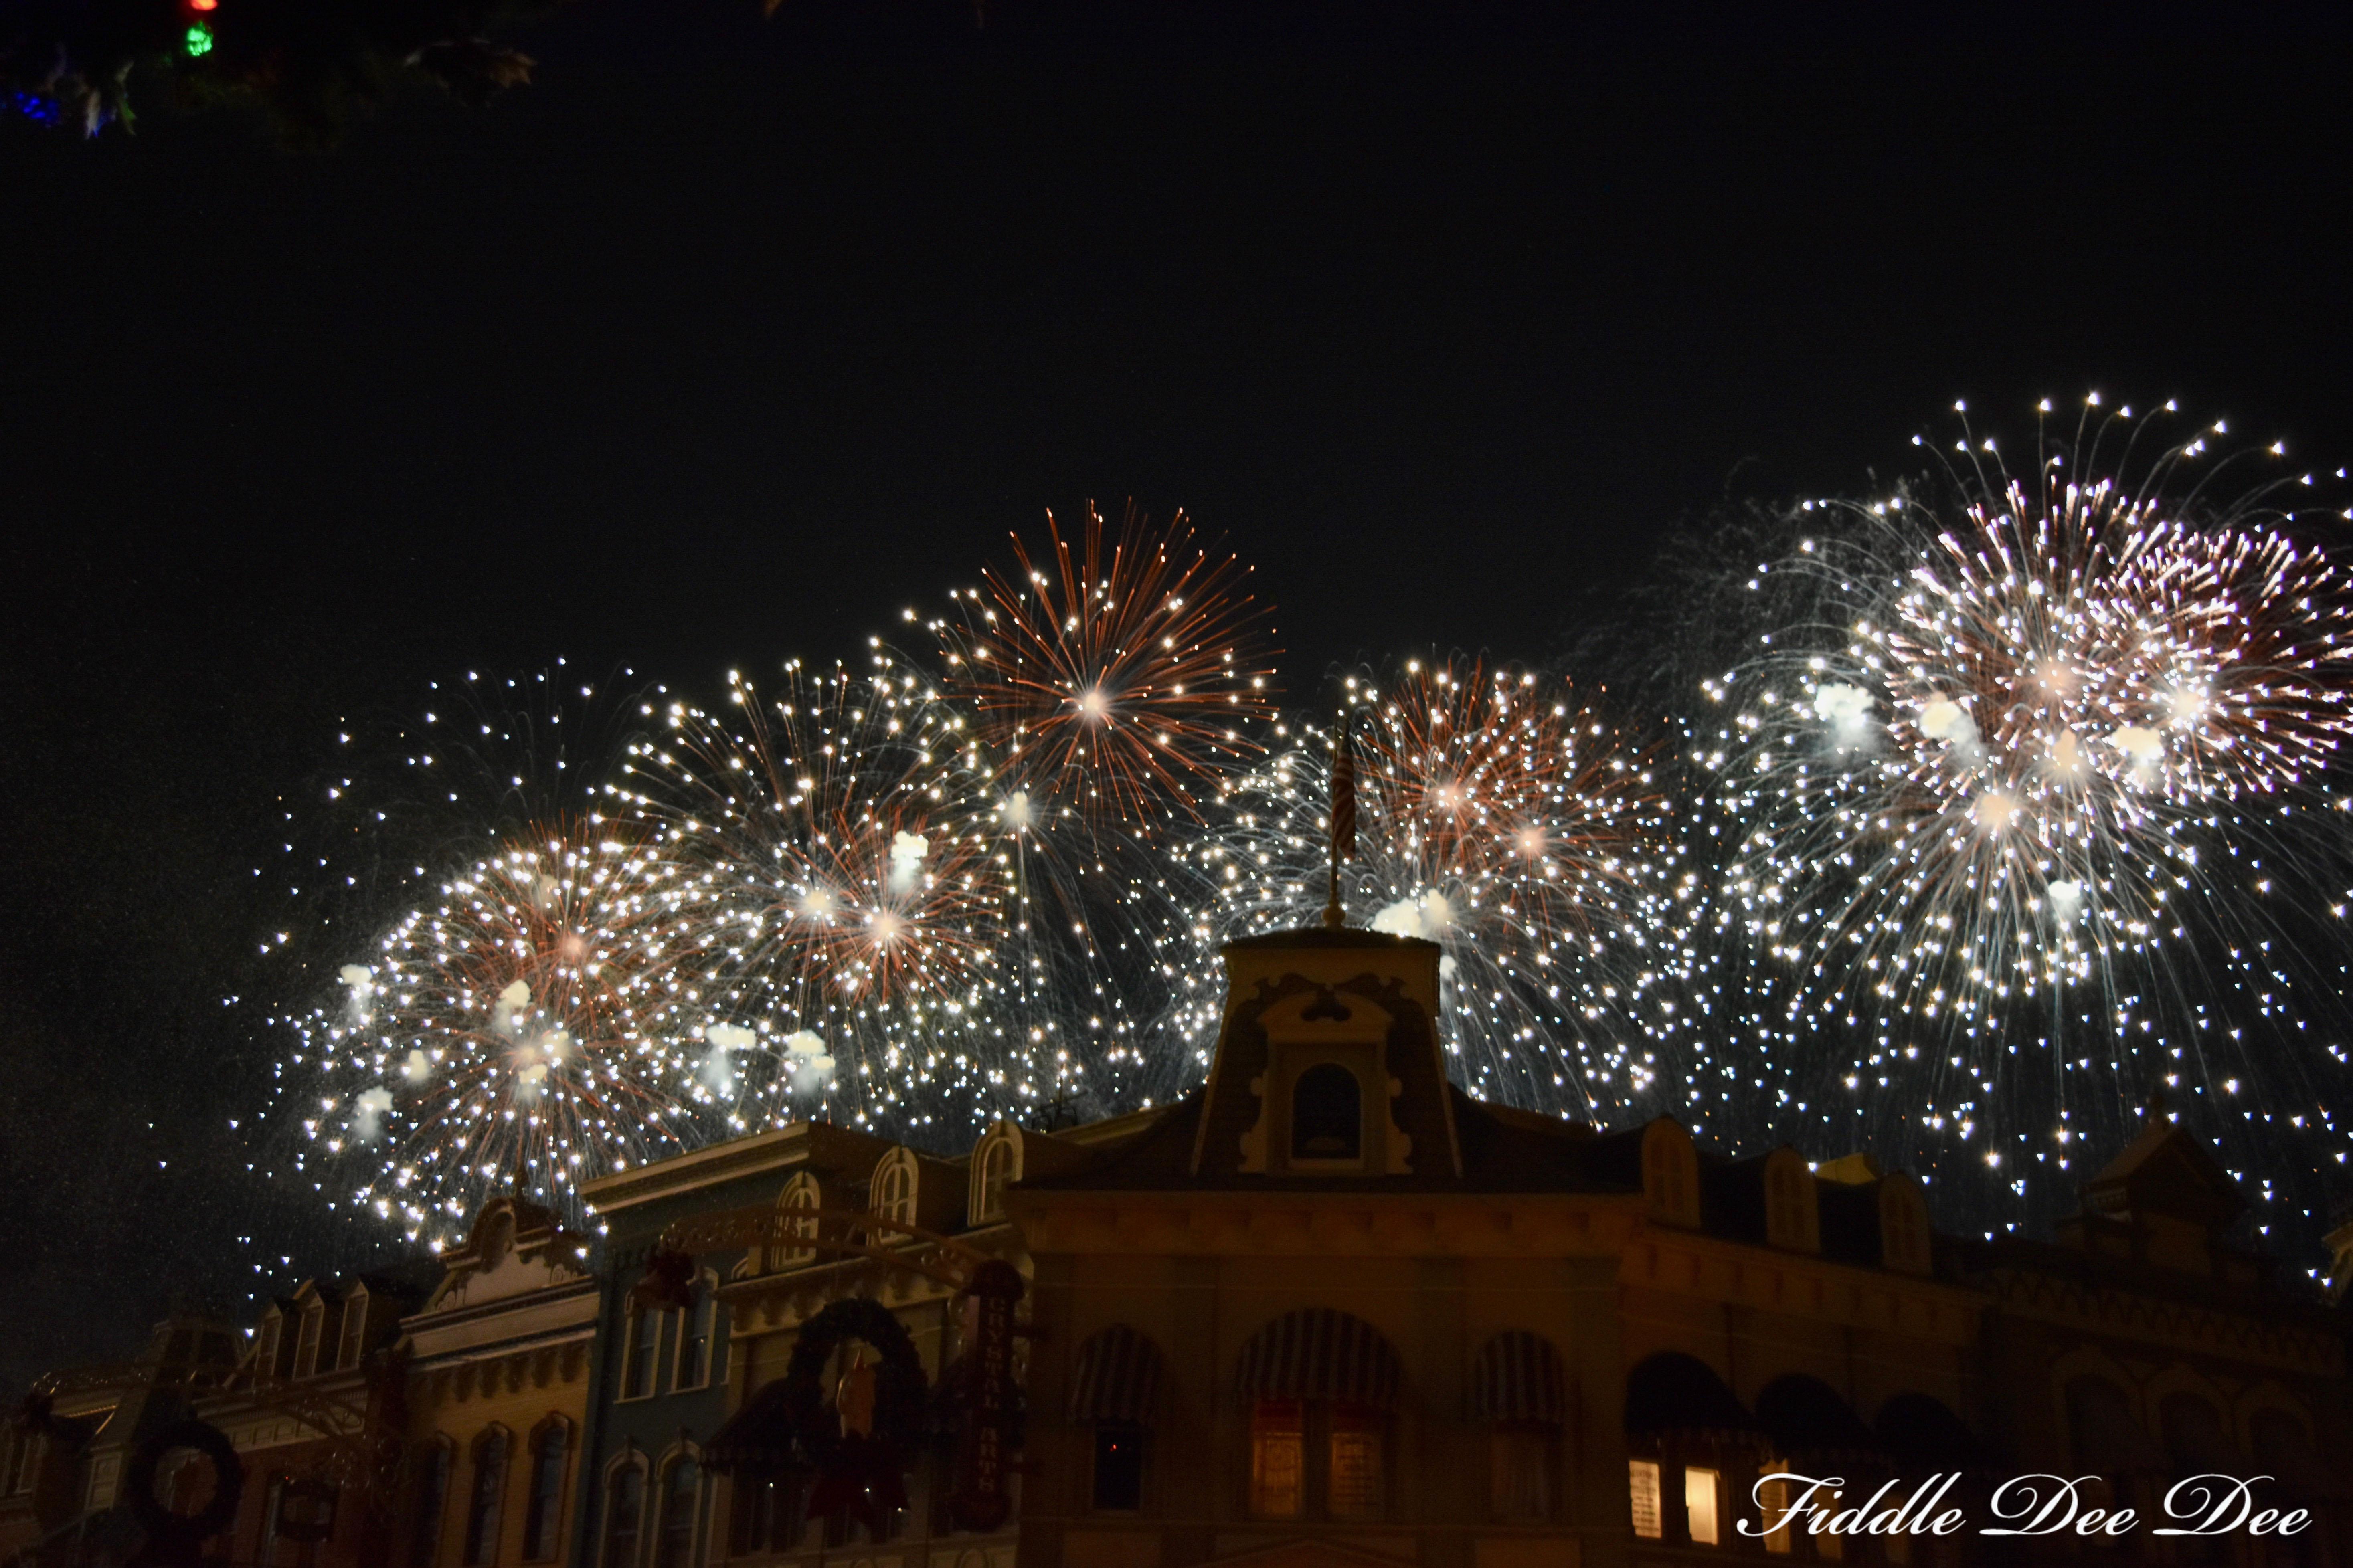 Disney-Fireworks | FIddle Dee Dee